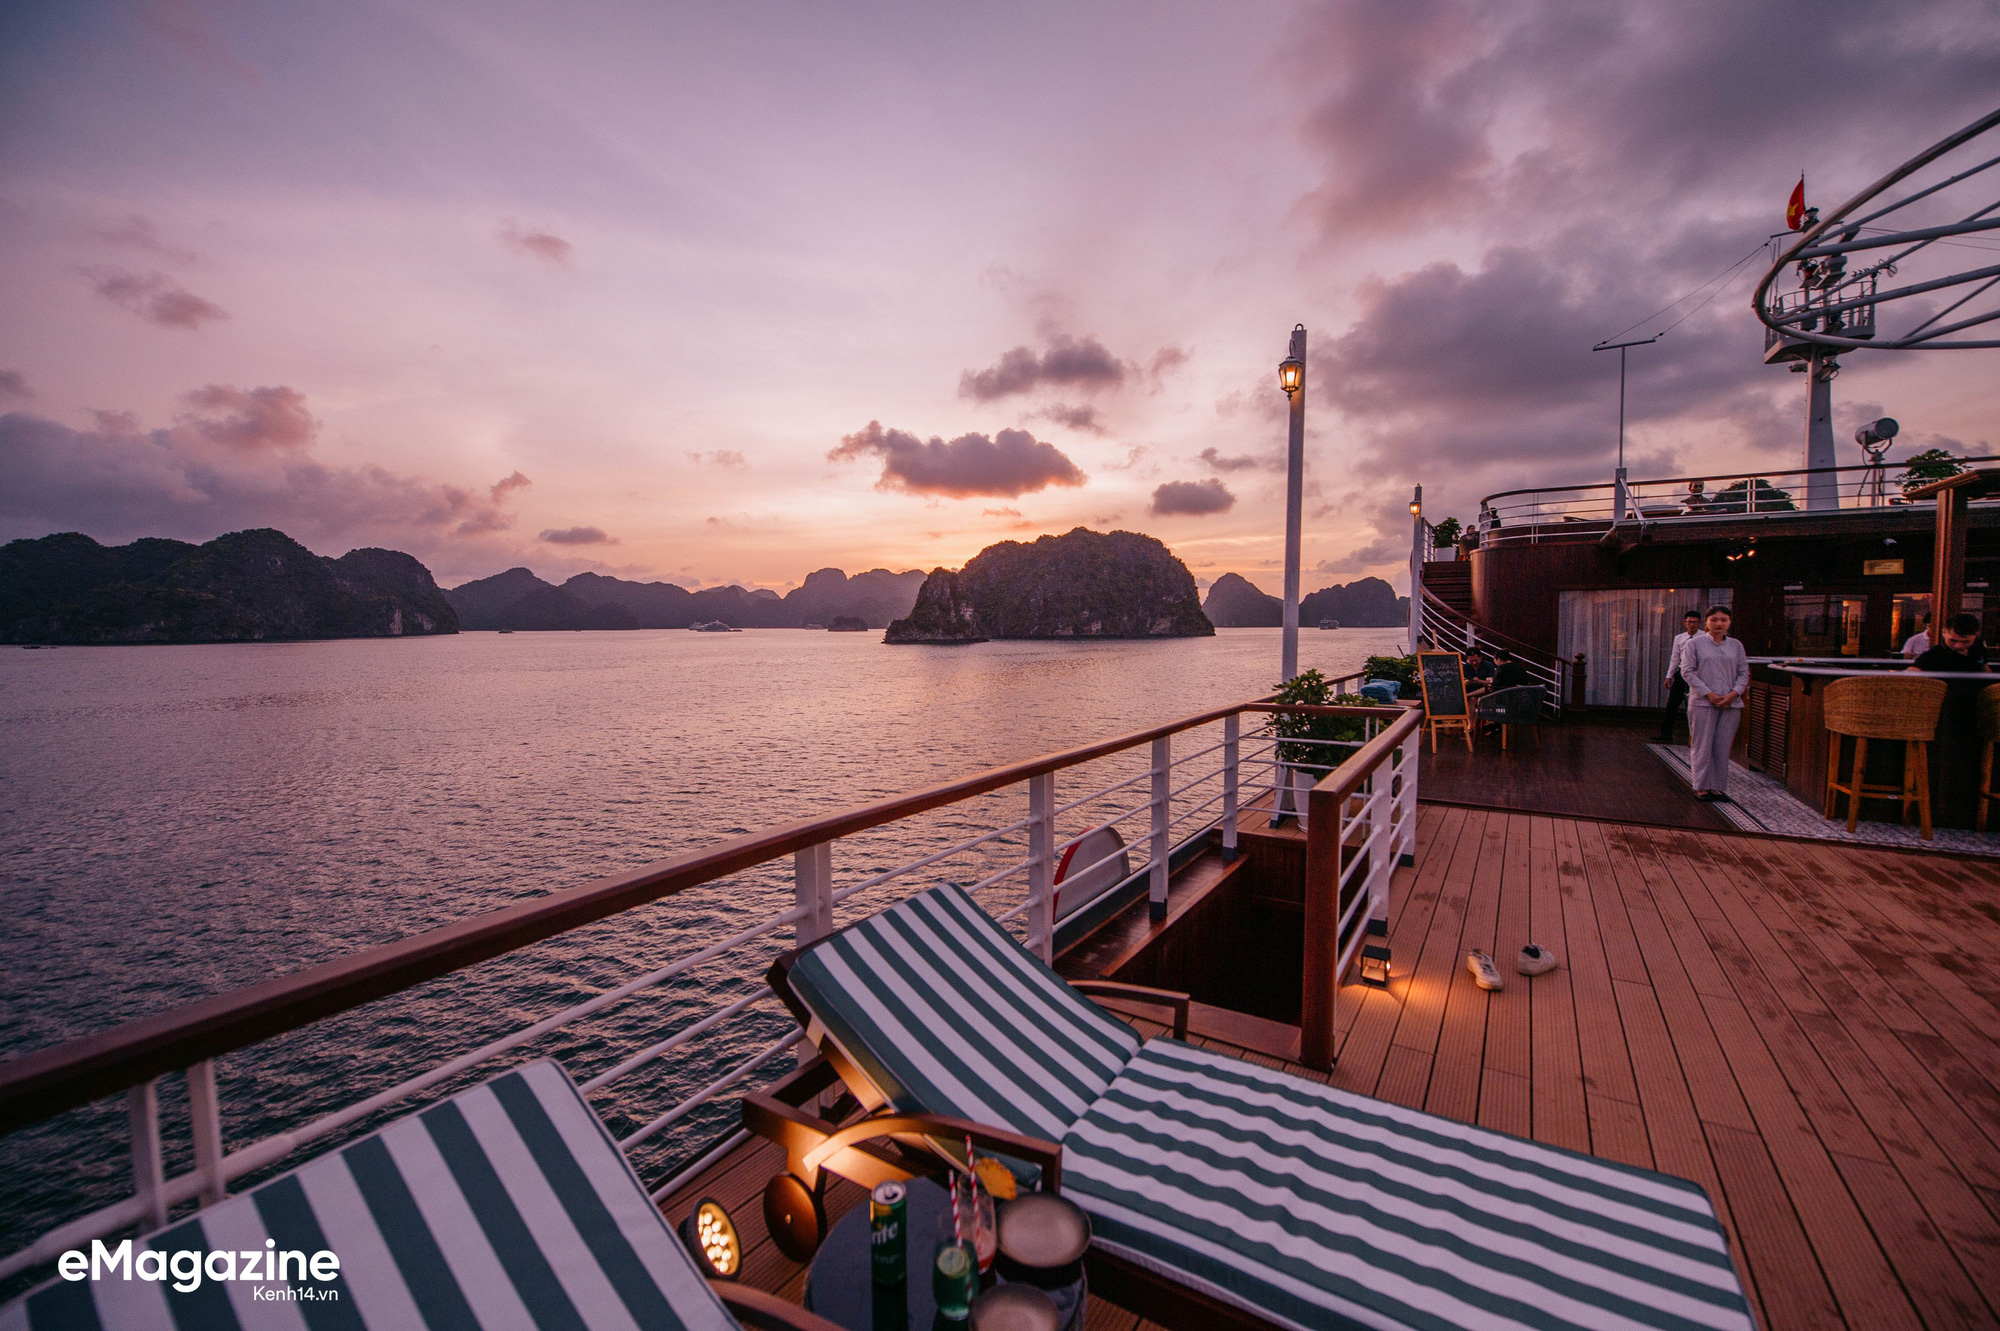 Trải nghiệm vịnh Lan Hạ đẹp như thơ trên du thuyền 5 sao để nhận ra: Đi du lịch ở Việt Nam có thể đẳng cấp chẳng kém chỗ nào! - Ảnh 9.